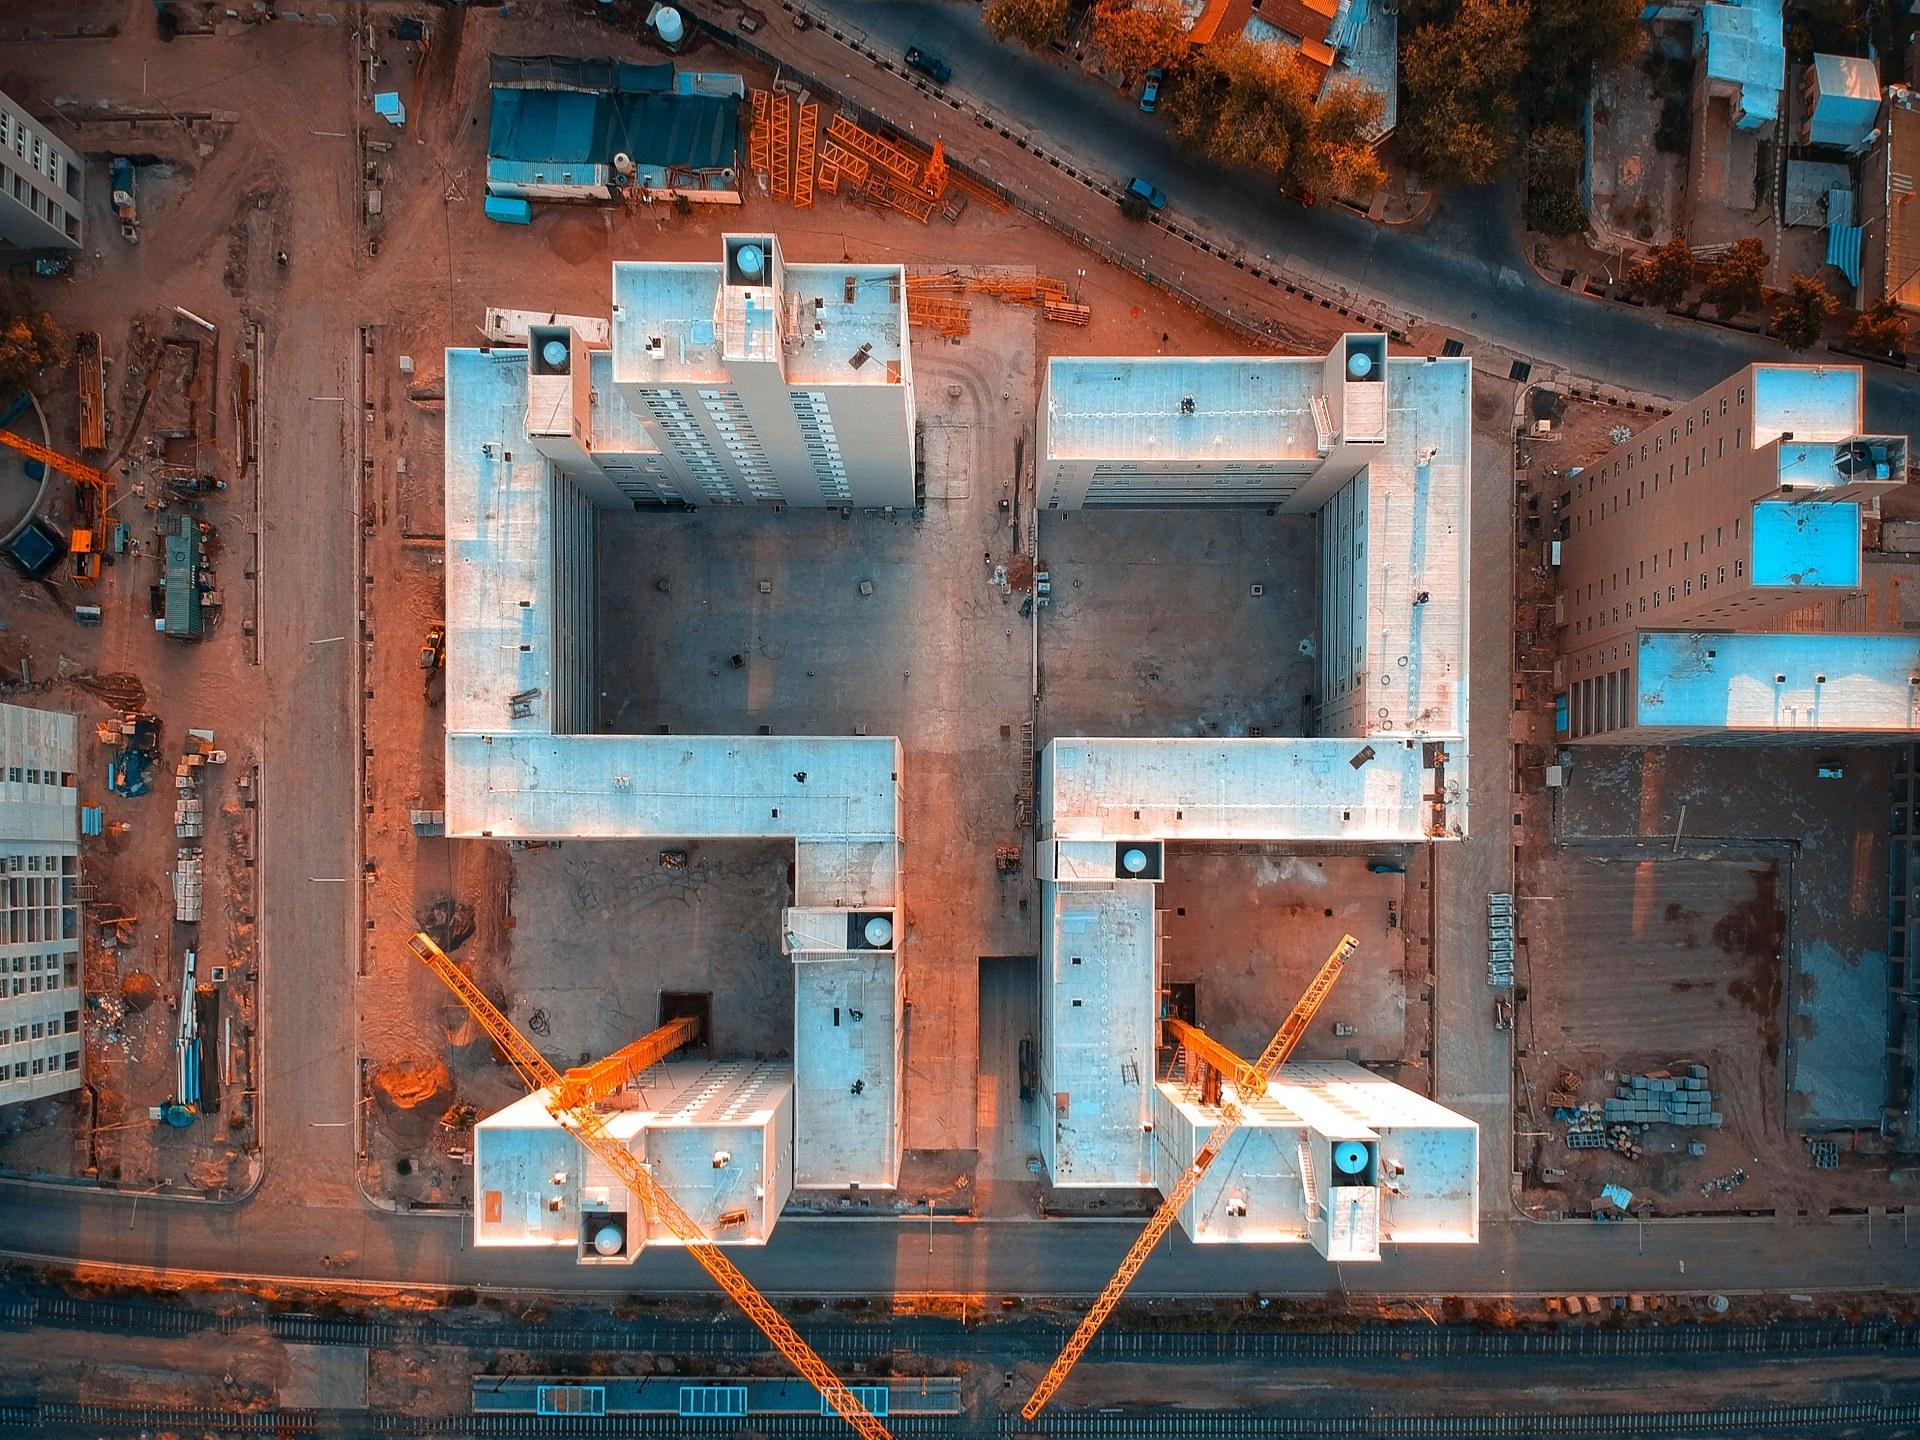 Baustellenüberwachung, Baustellenbewachung Bensheim, Sicherheitsdienst Baustelle